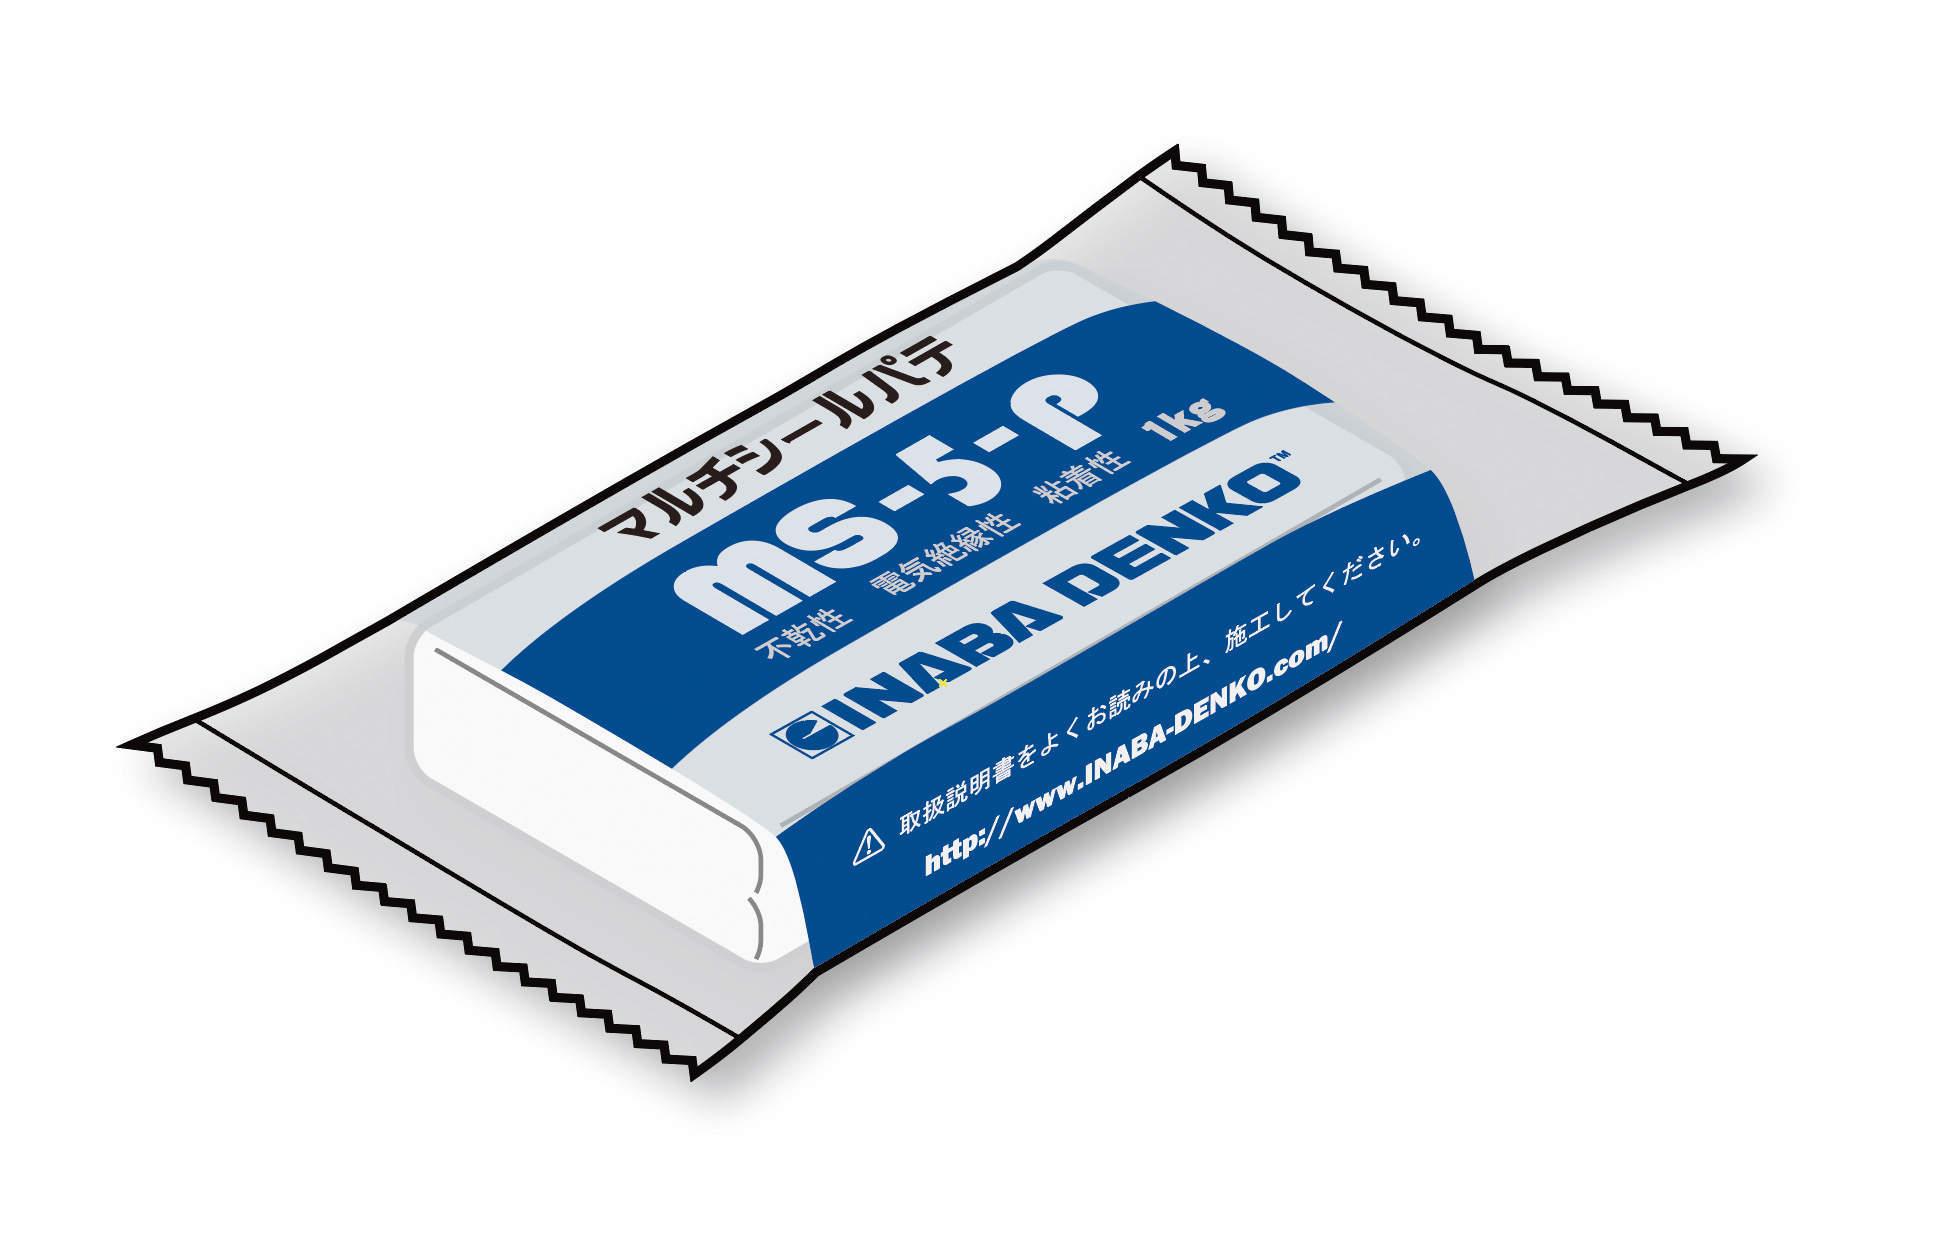 【因幡電工】すき間の充てんや目地の補修などに!マルチシールパテにホワイト色『MS-5-P』新発売!!の画像